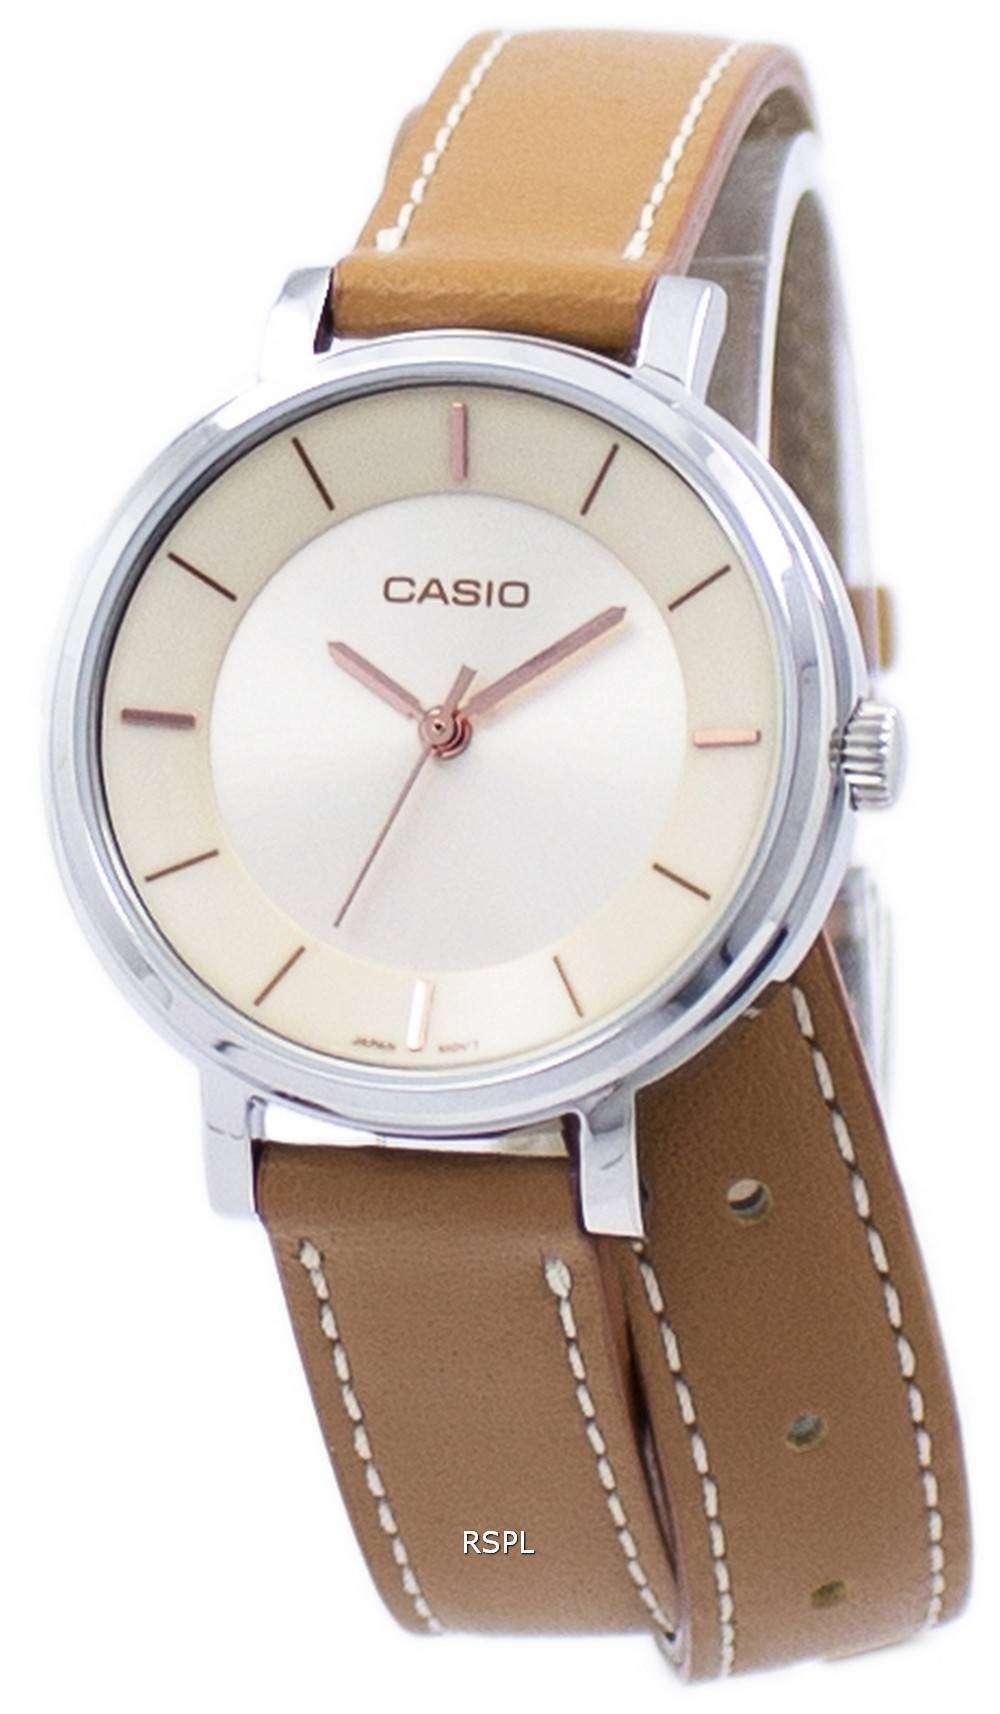 Casio Doble Ltpe143dbl Cuarzo Circuito 5a De Analógico Reloj Femenil E143dbl Ltp 0kP8wnO